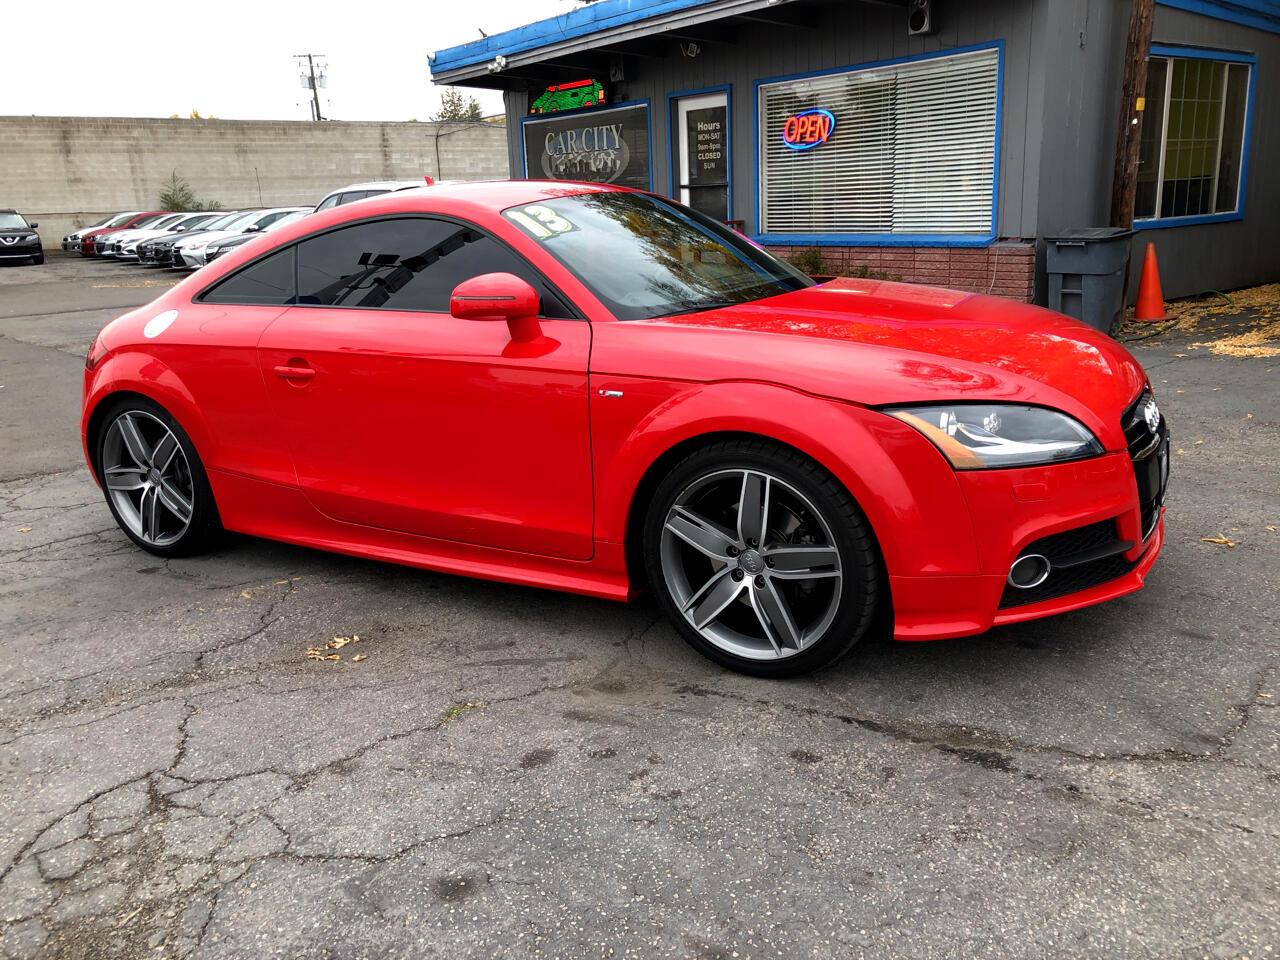 Audi TT 2dr Cpe S tronic quattro 2.0T Premium Plus 2013